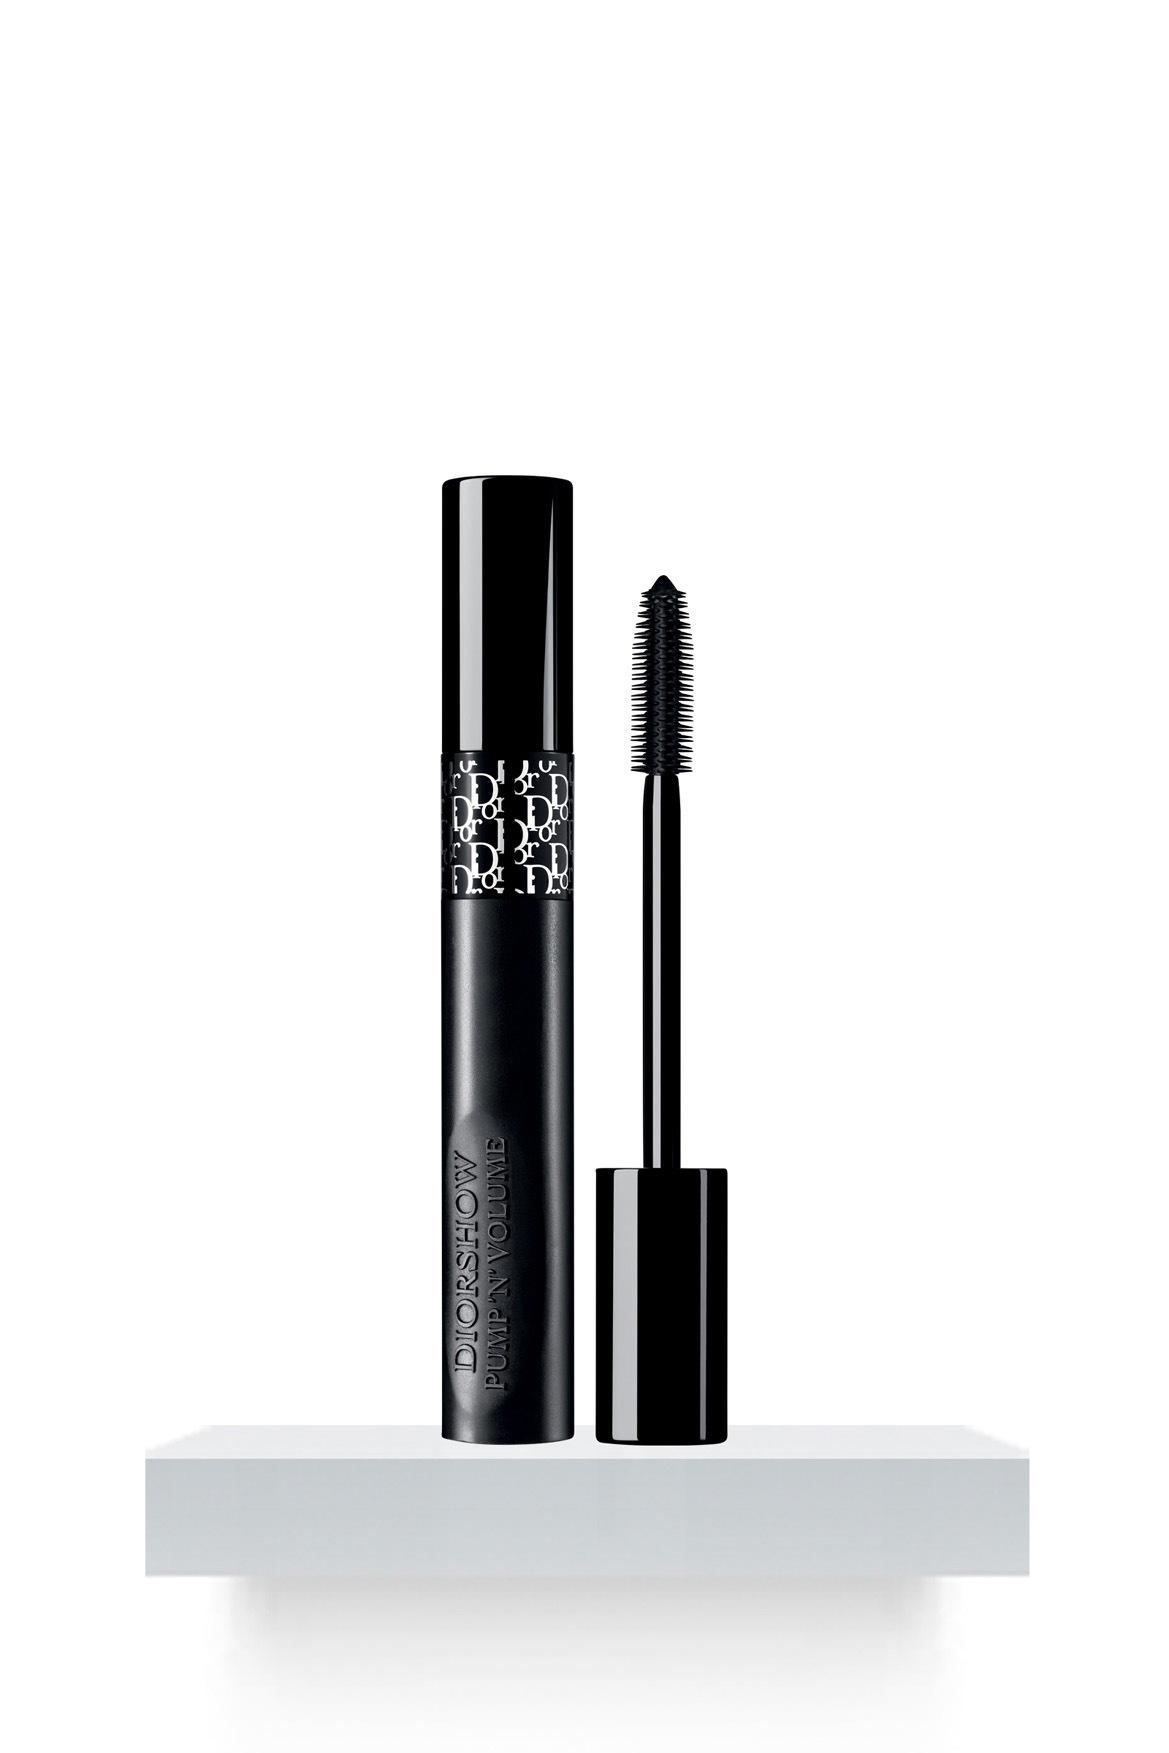 f8c915336c8 Dior Beaute | Diorshow Pump 'N' Volume Mascara | Myer Online